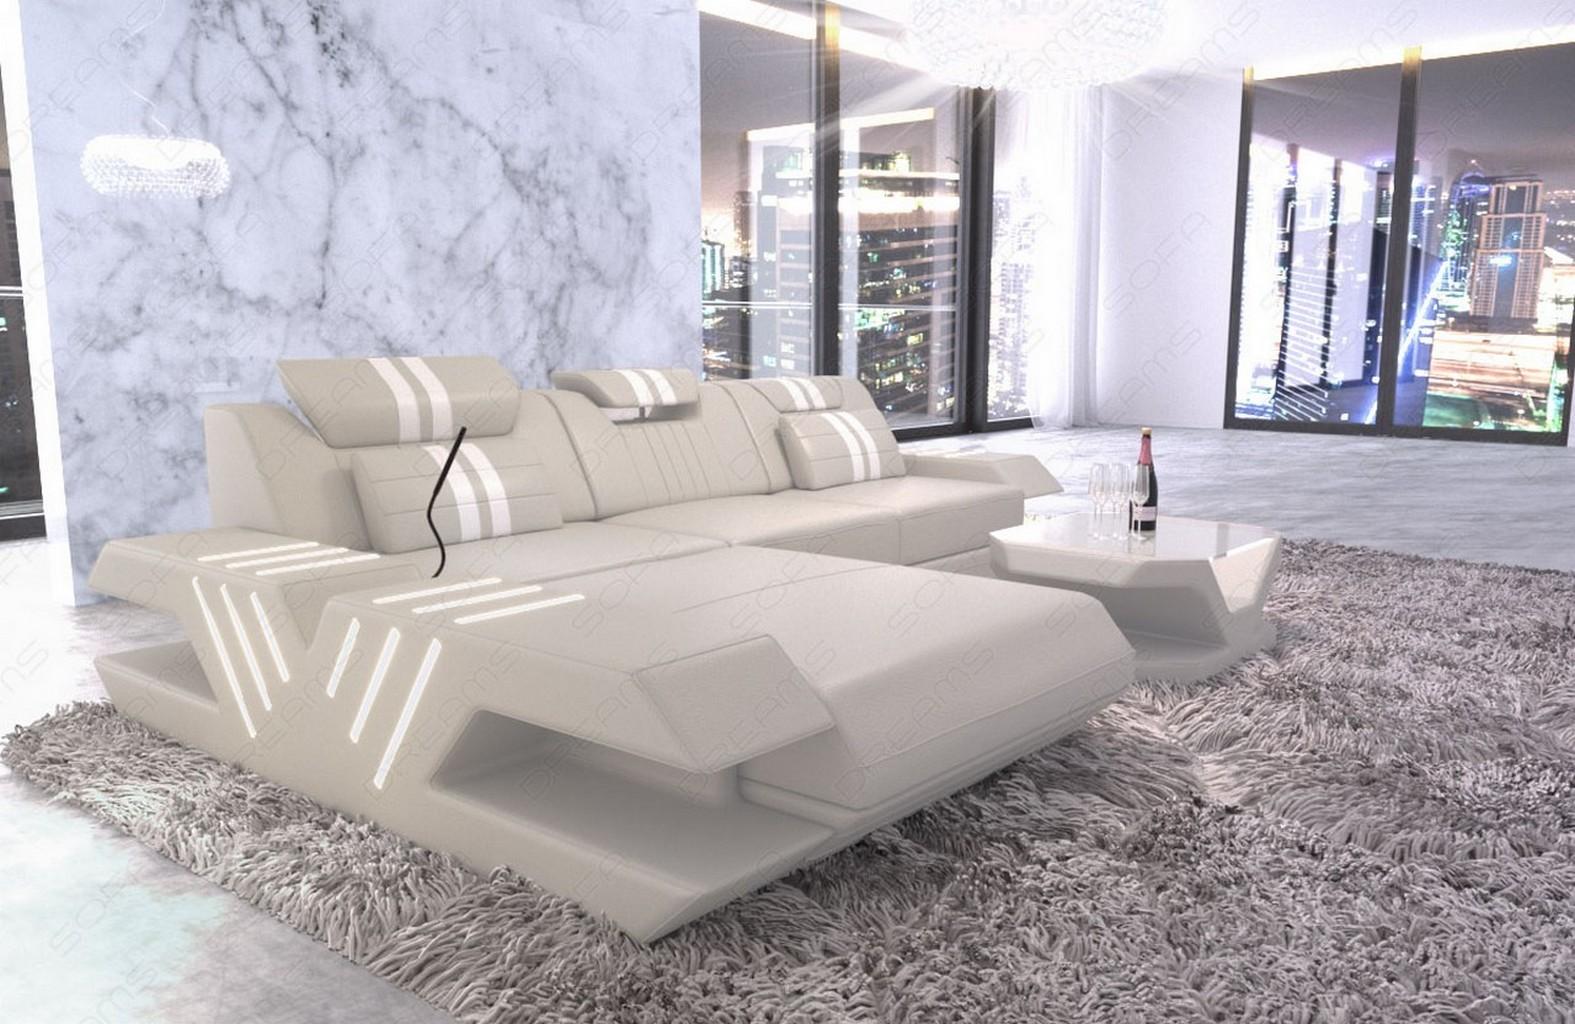 sofa leder couch design wohnlandschaft venedig l form ottomane led beleuchtung ebay. Black Bedroom Furniture Sets. Home Design Ideas